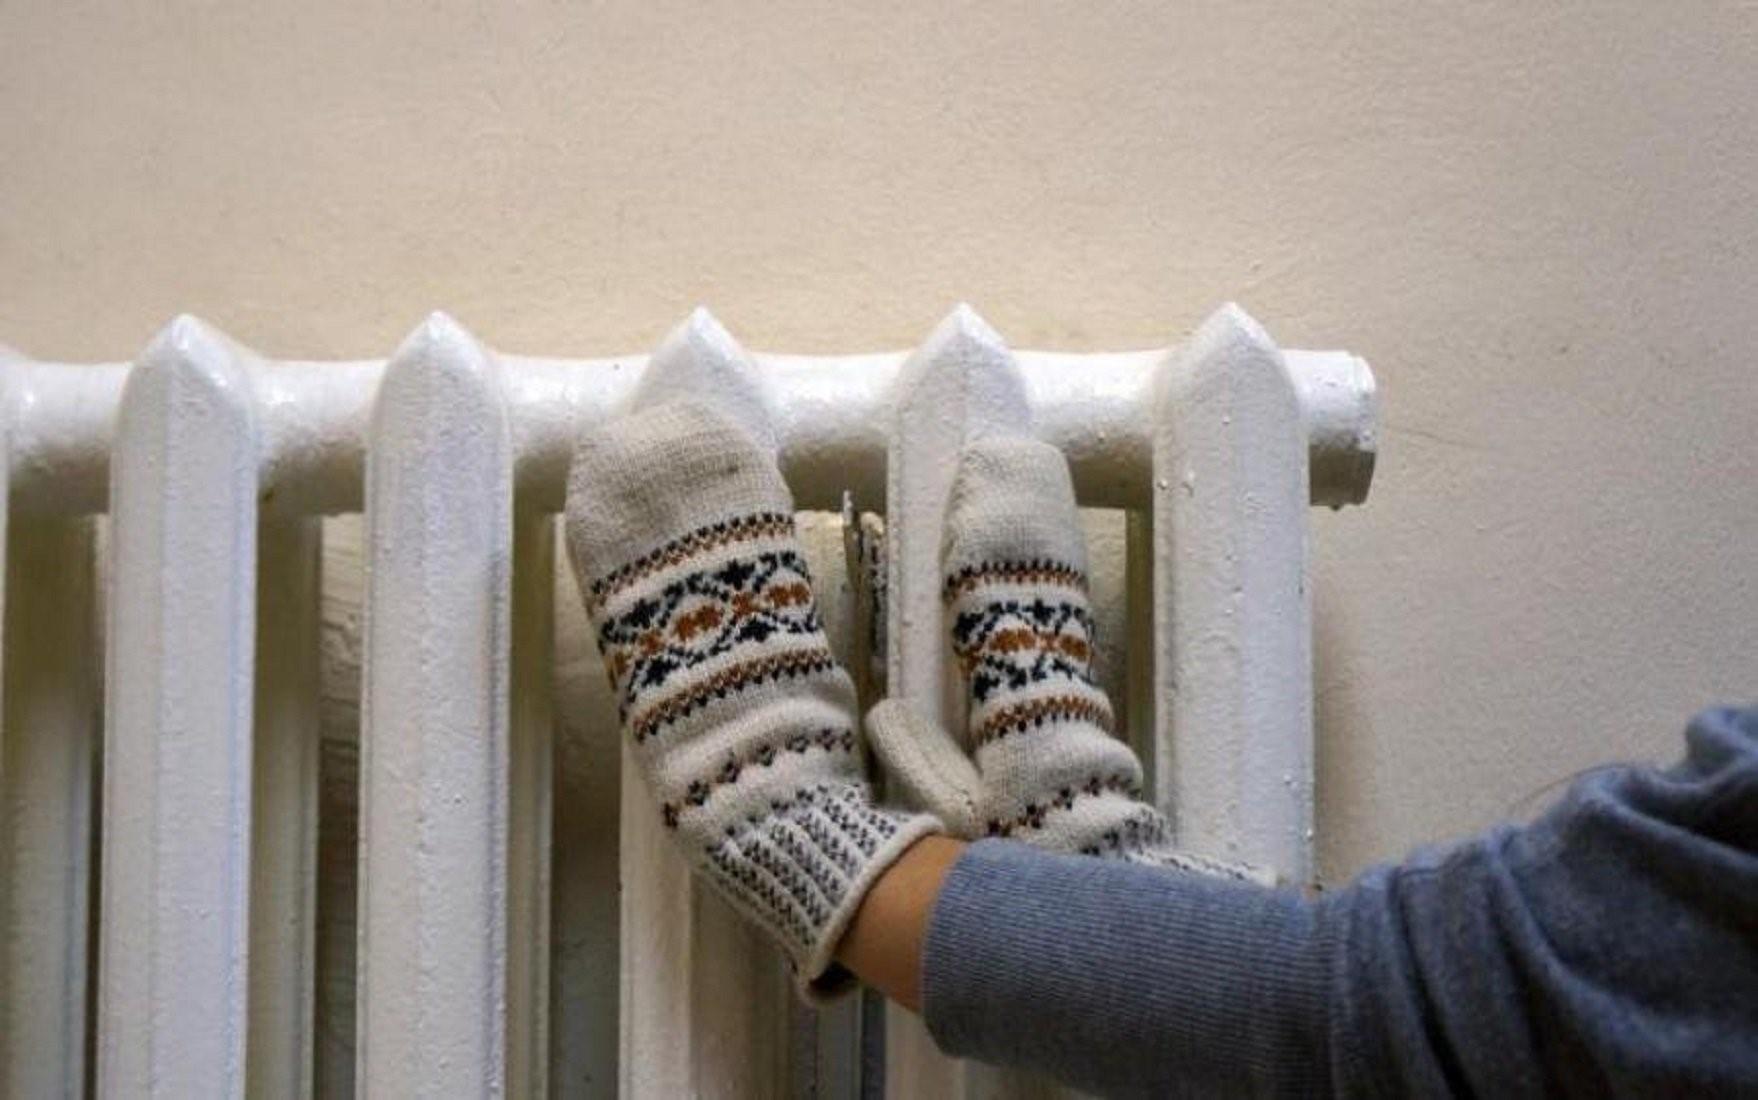 Почему при горячих батареях в квартире холодно: причины утечки тепла